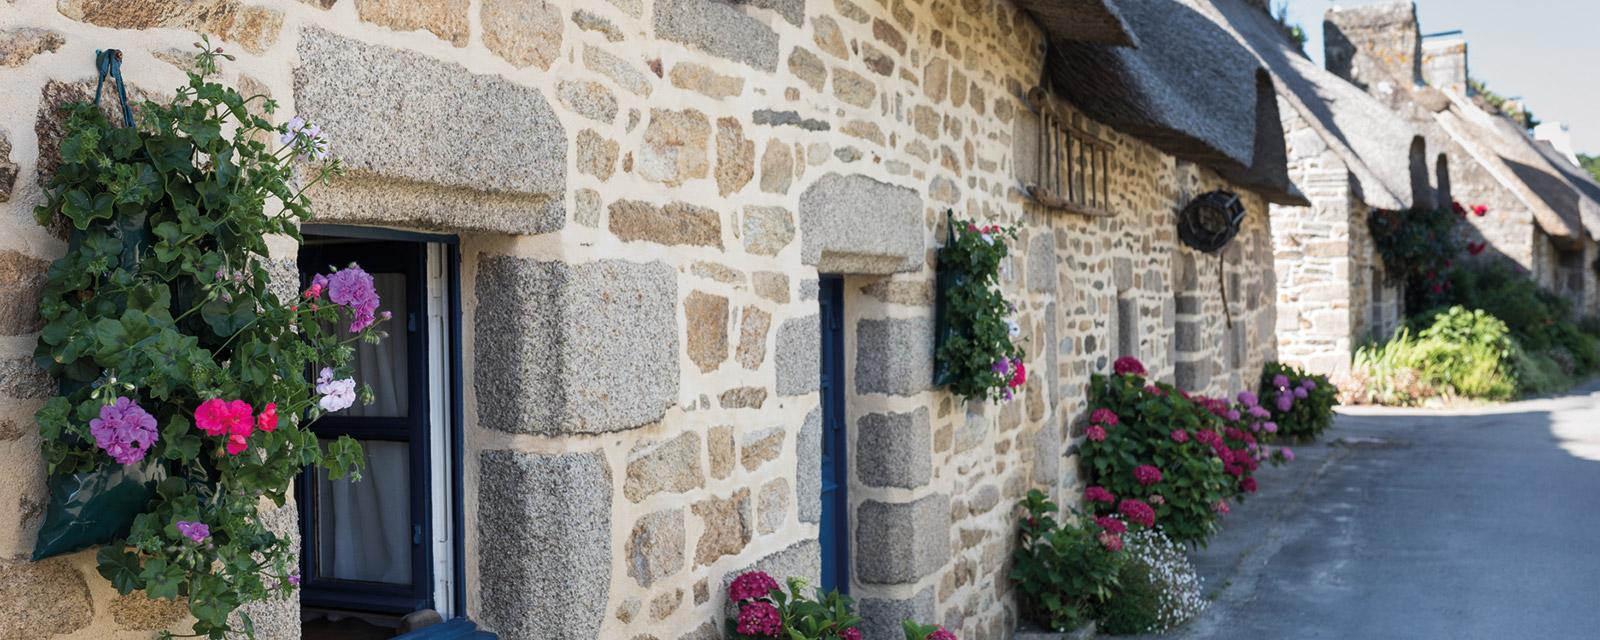 Des outils traditionnels parent les murs